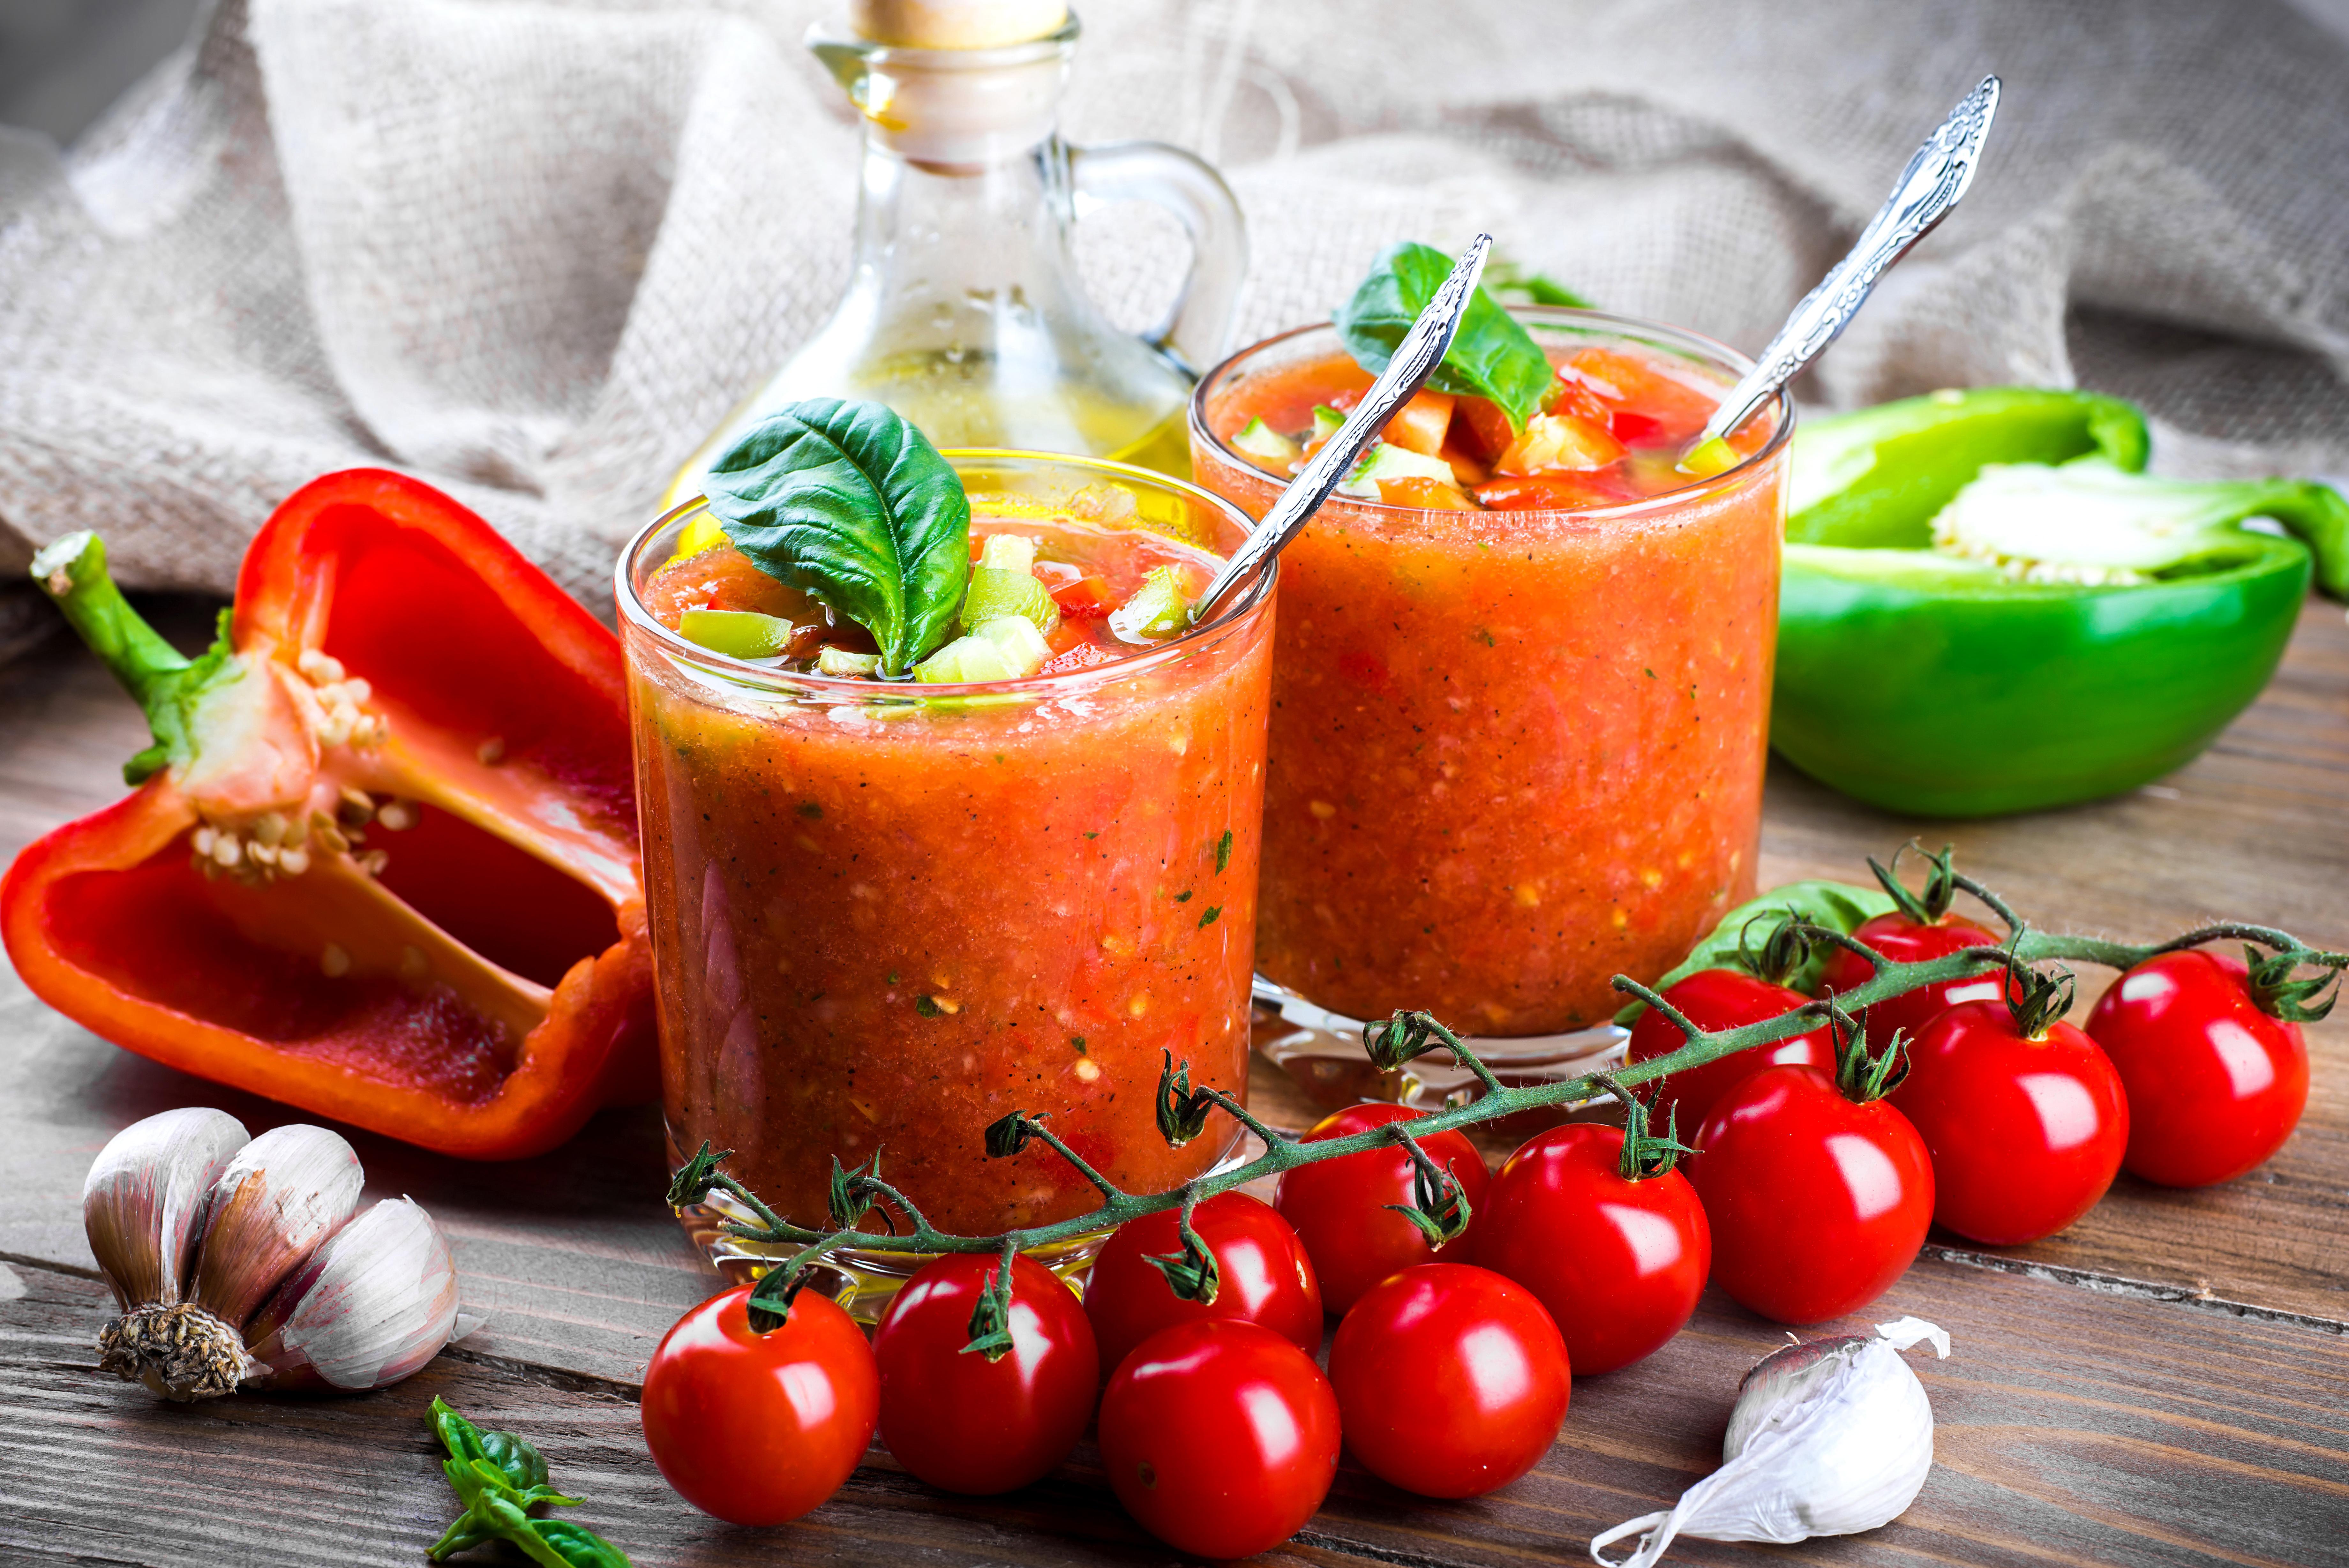 еда помидоры сок томатный ложка  № 2891549 без смс